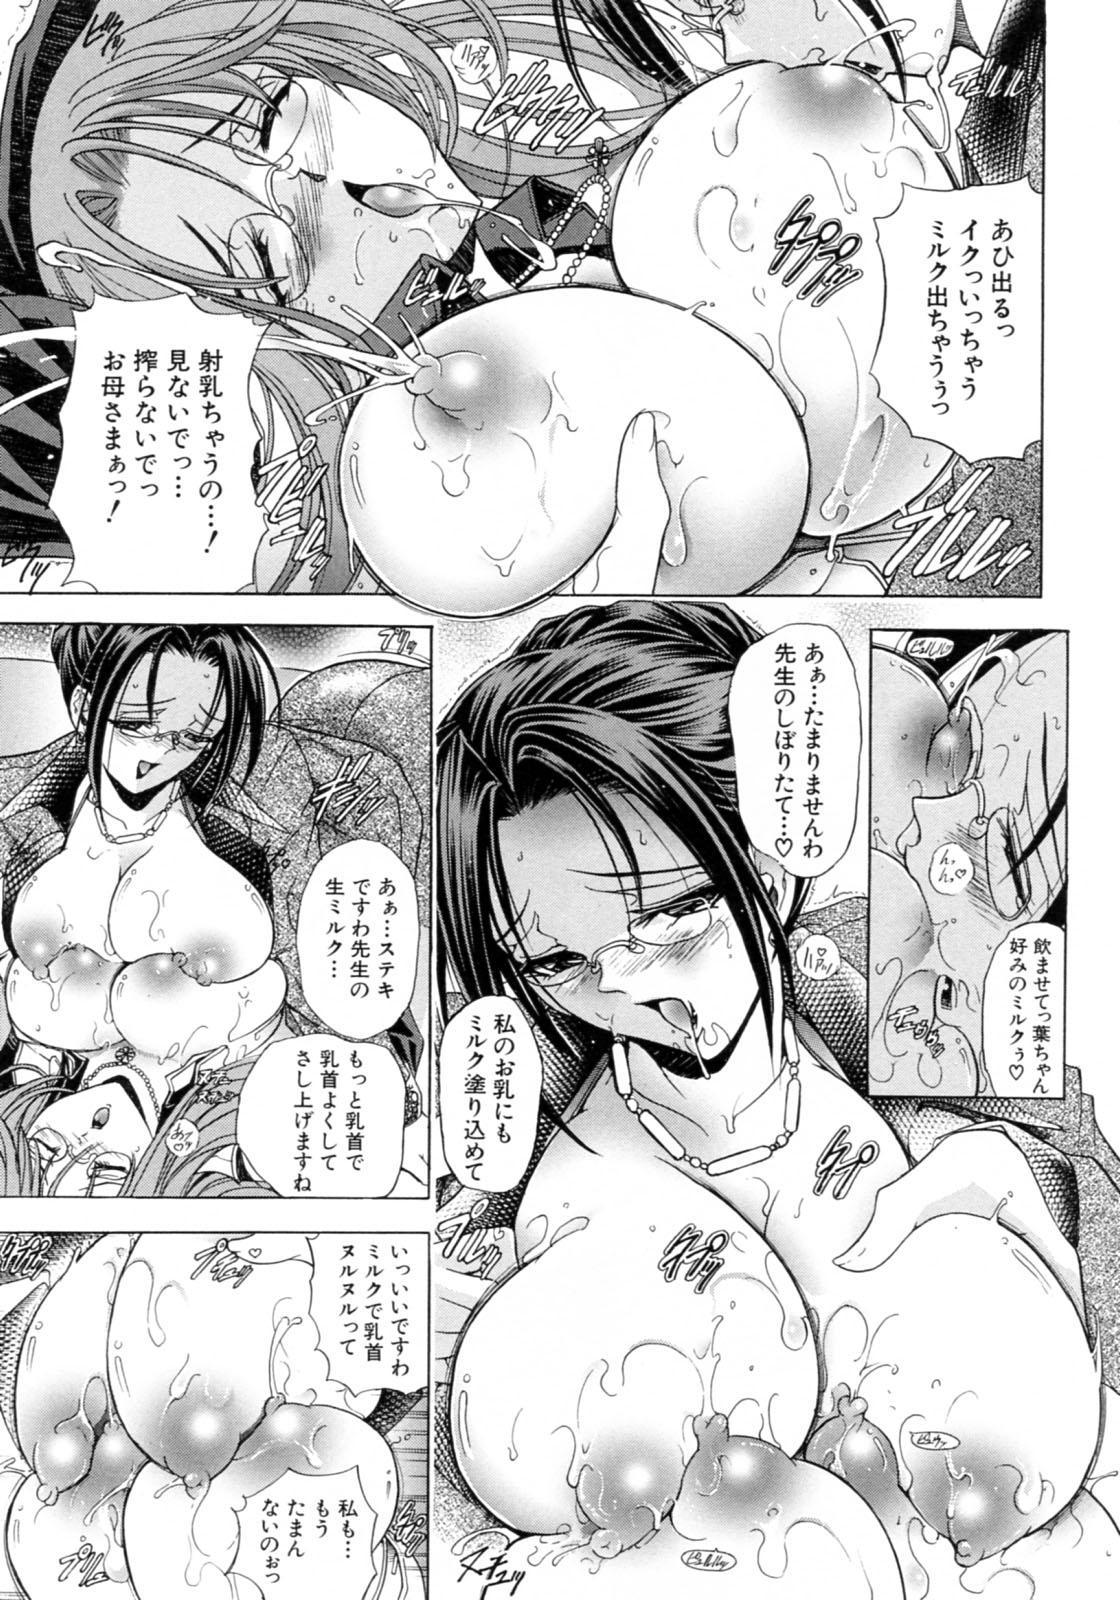 Kinsoku Shikou 12